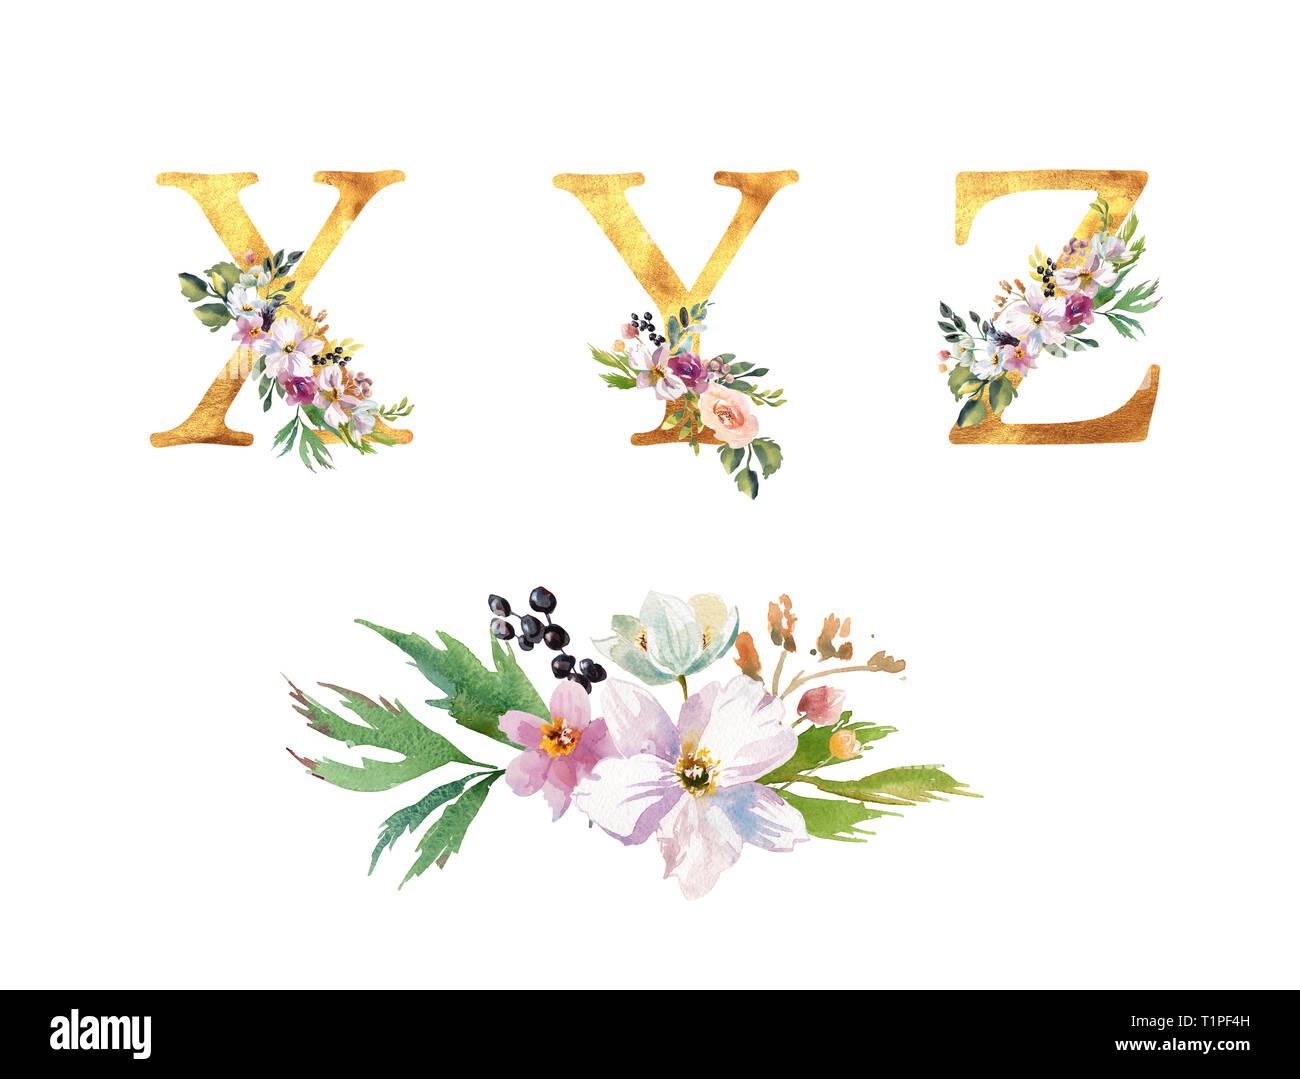 Romantique Collection Lettres D Or Avec Des Fleurs Aquarelle